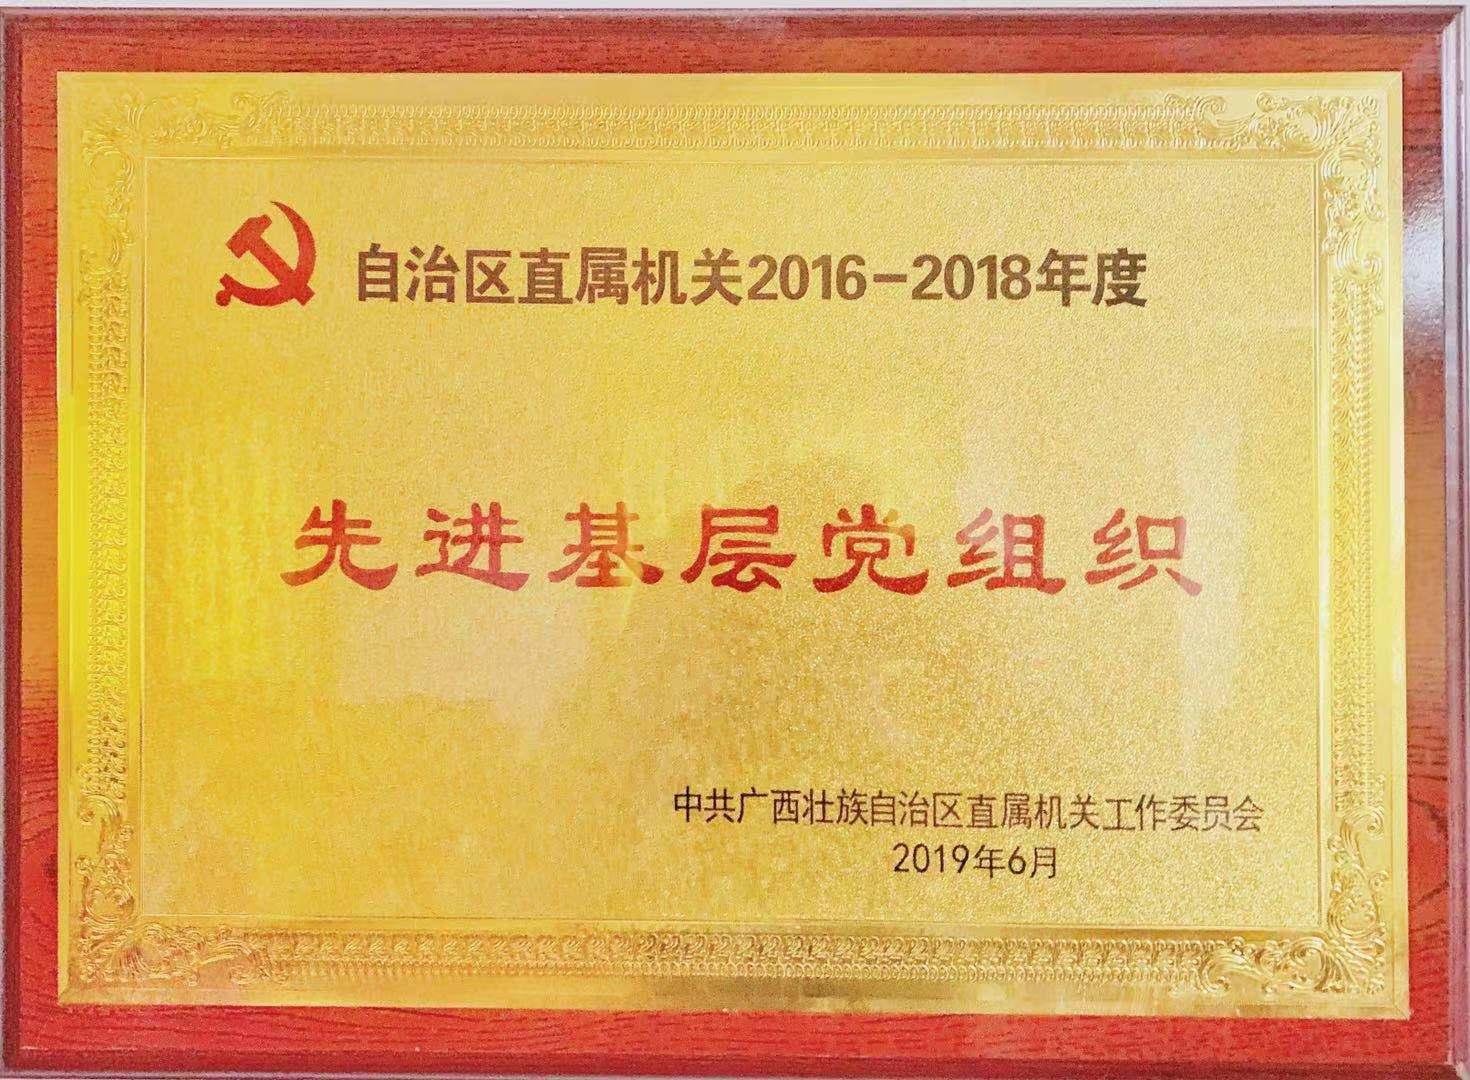 先进基层党组织(自治区直属机关2016-2018).jpg